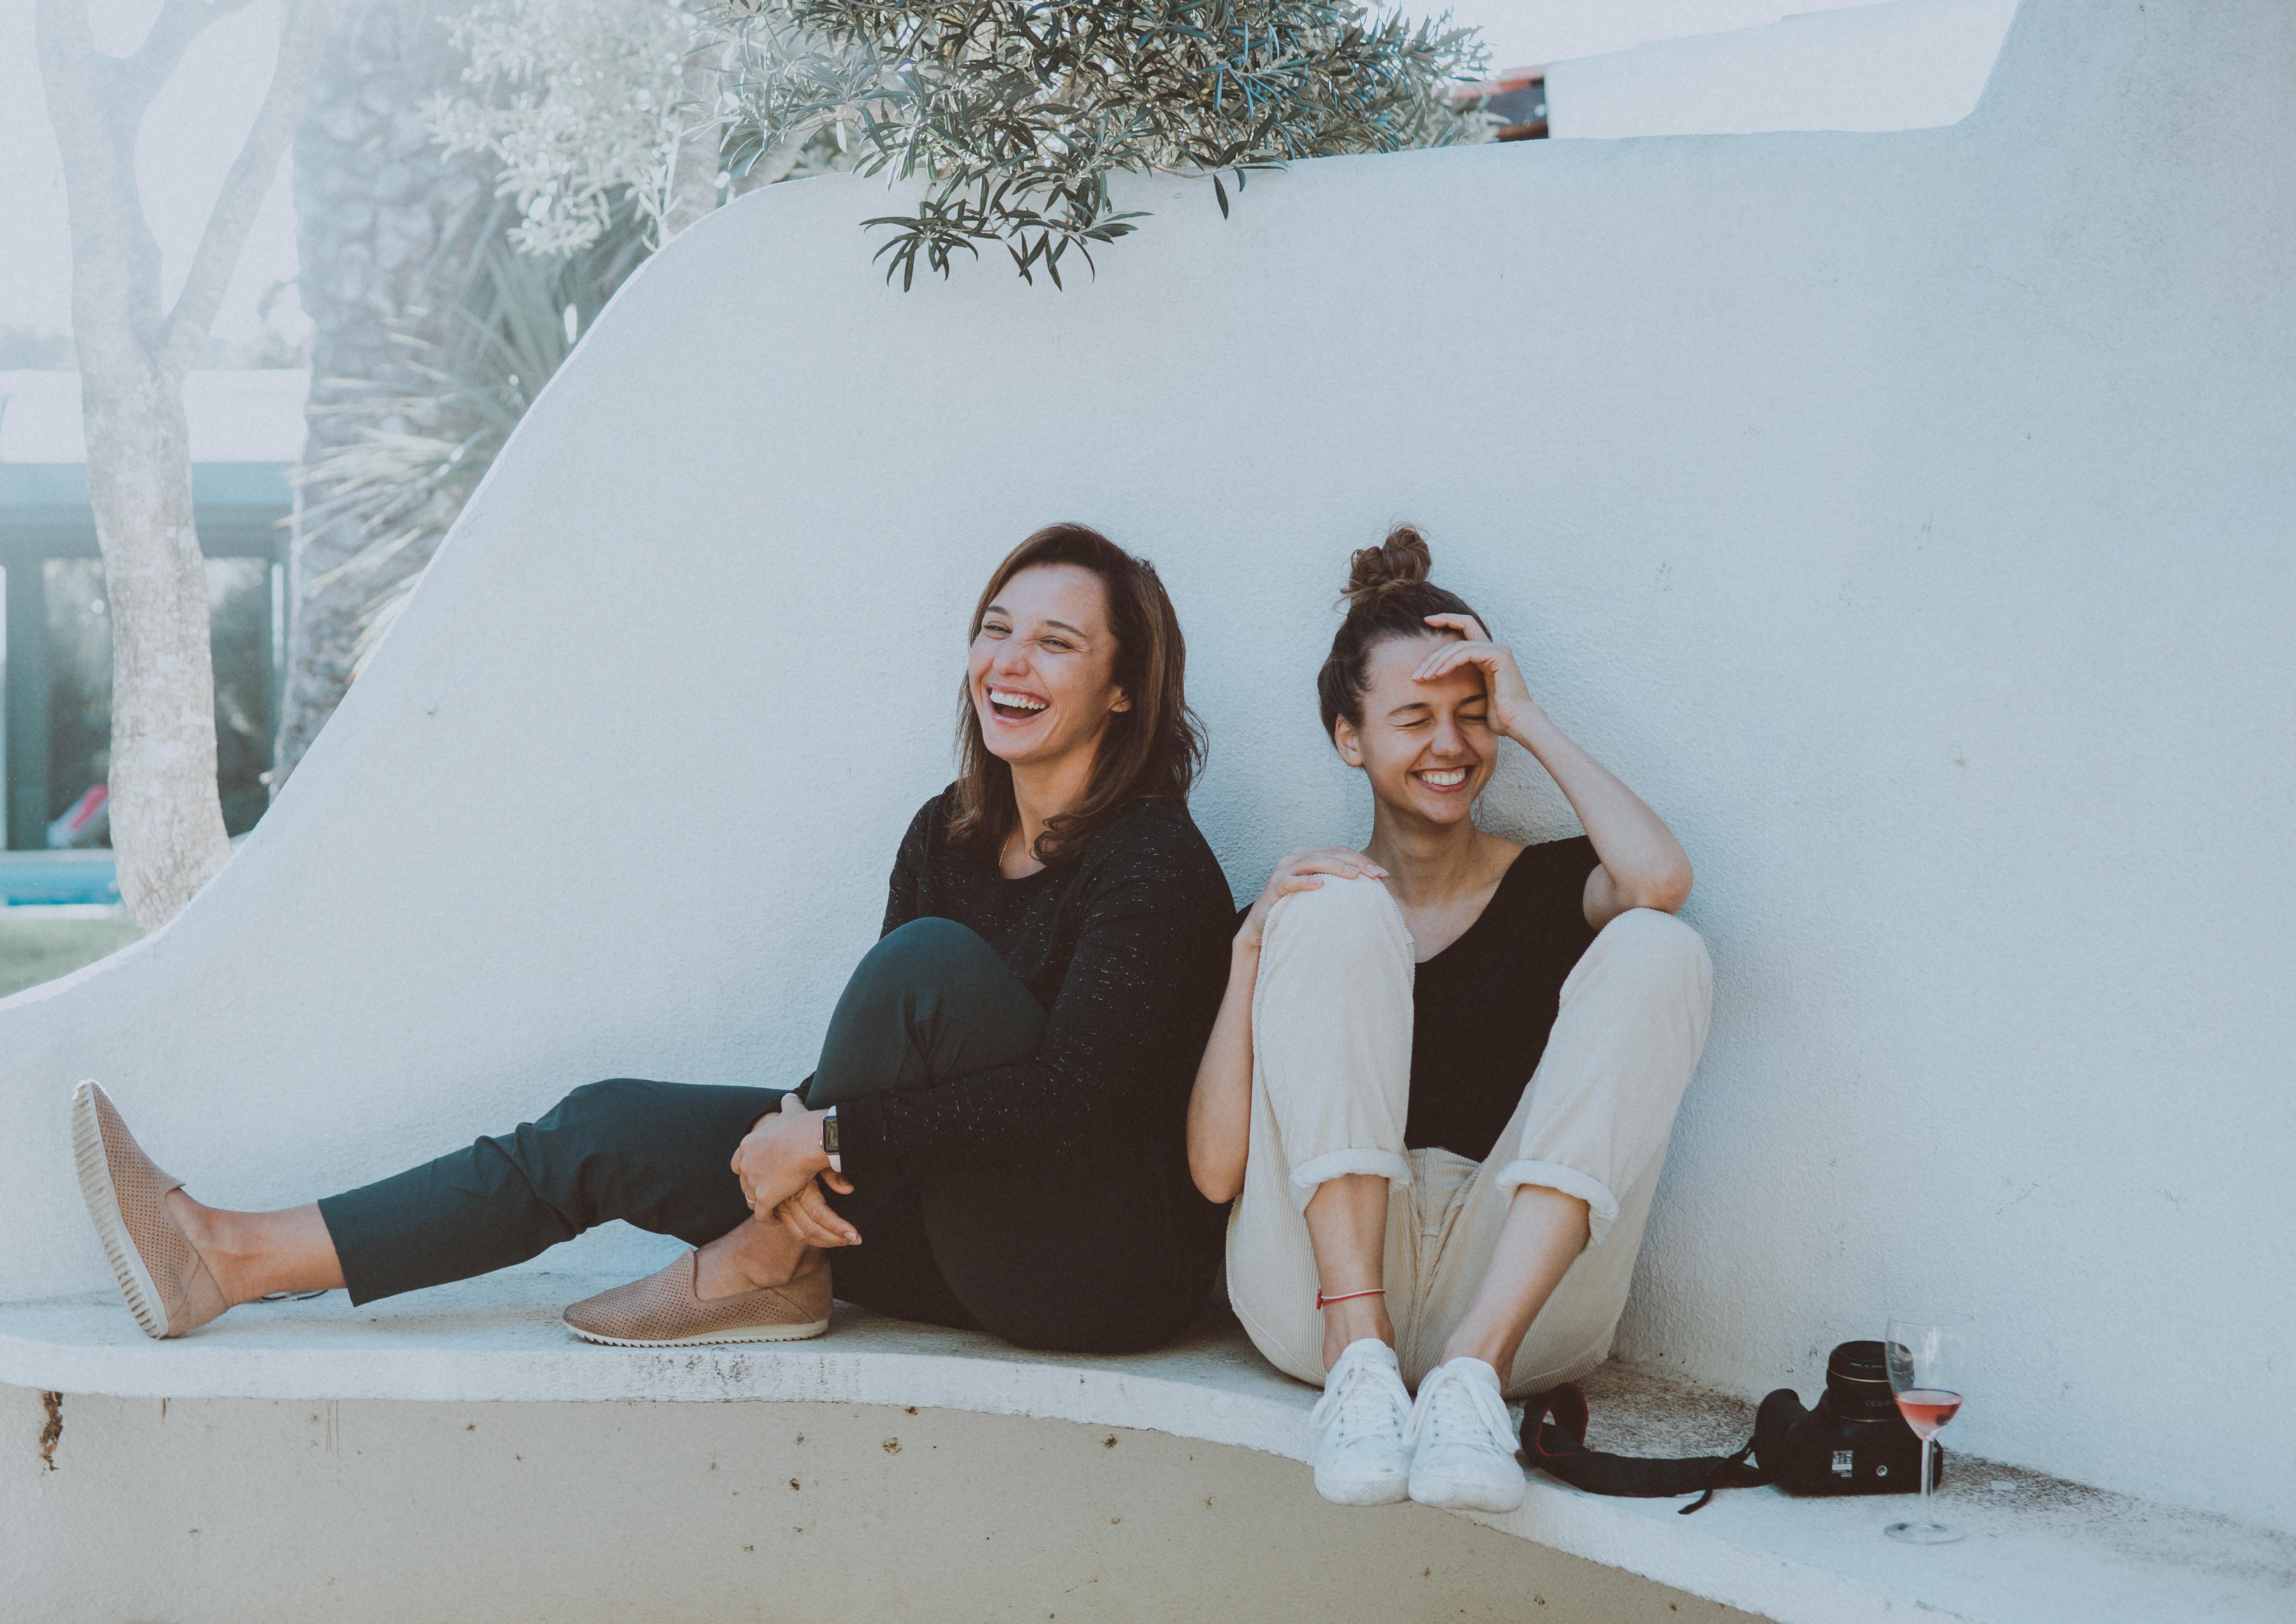 lachende und fröhliche Damen